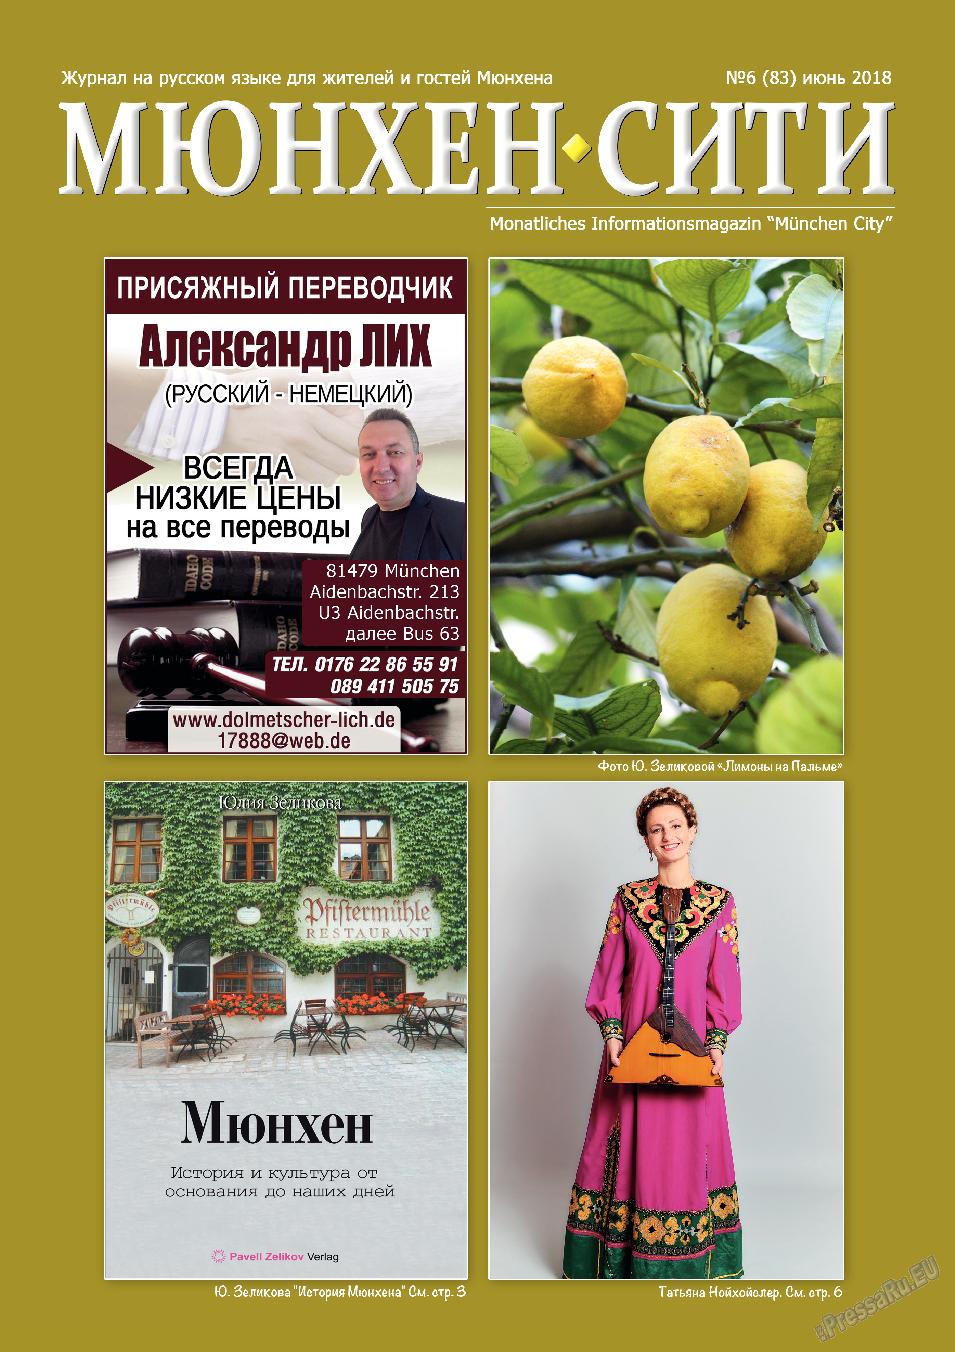 Мюнхен-сити (журнал). 2018 год, номер 6, стр. 1